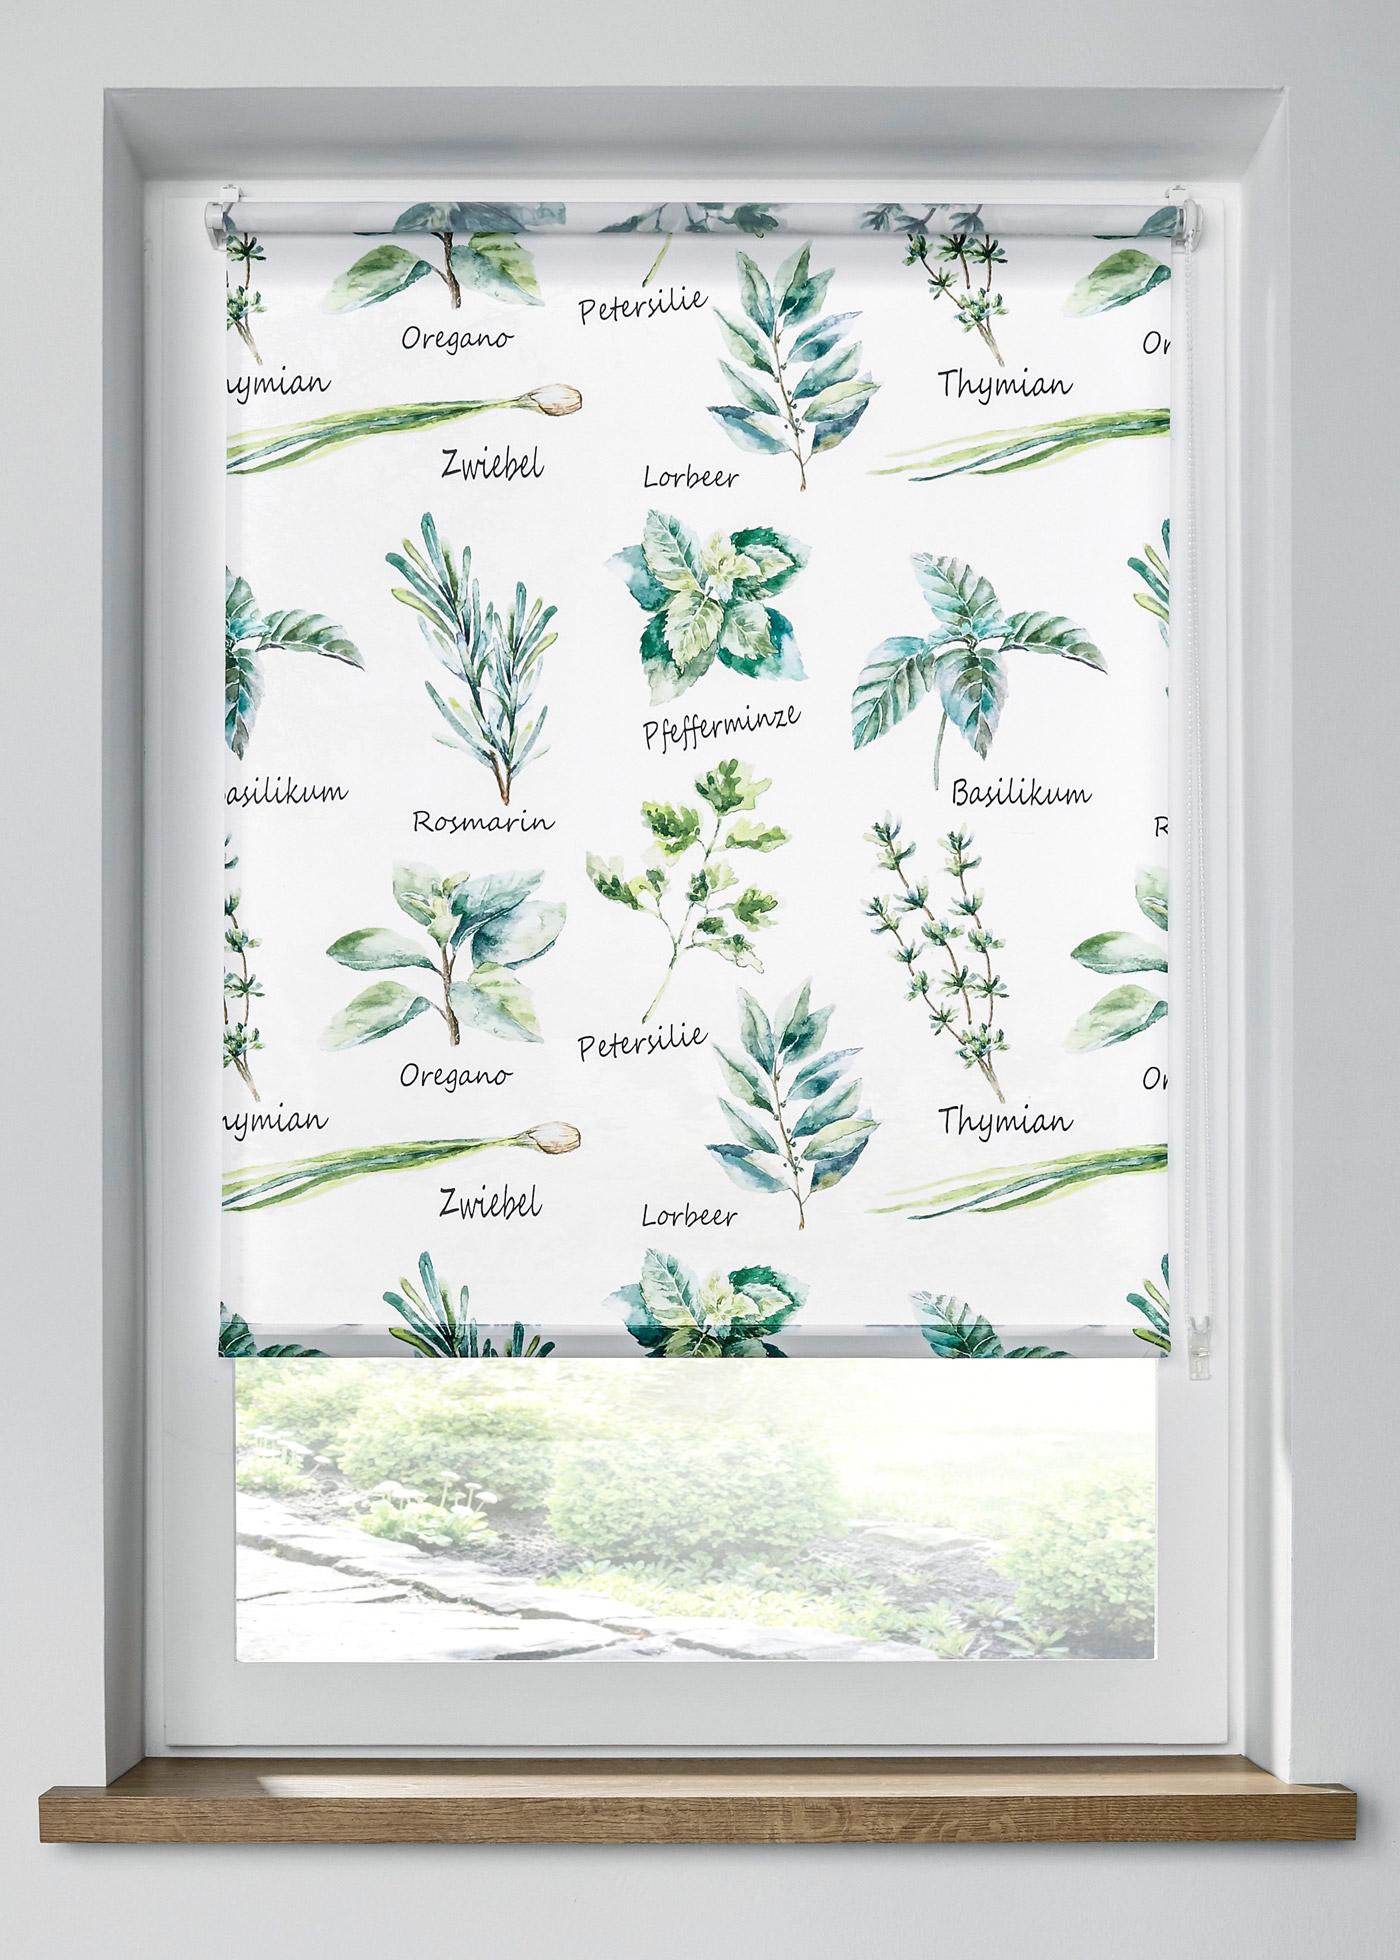 Sichtschutzrollo mit Kräuter Motiven in weiß von bonprix